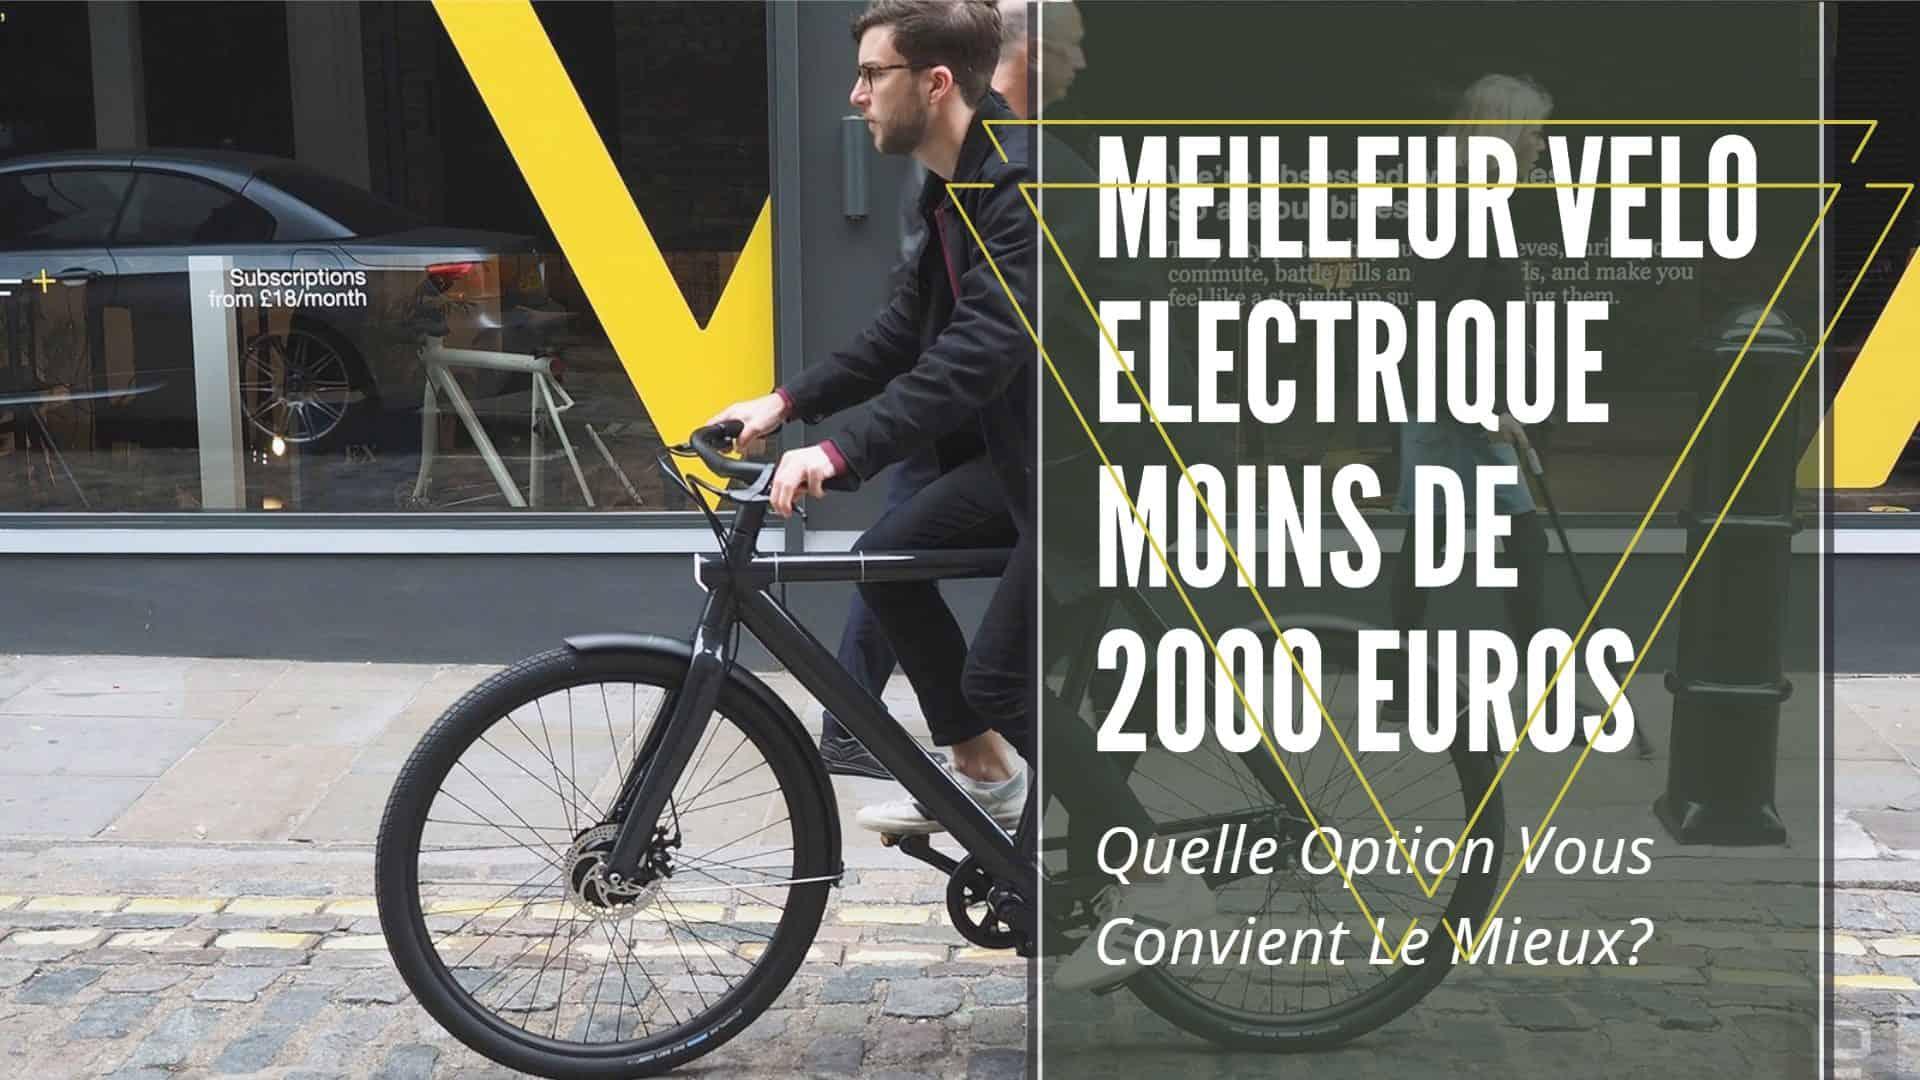 meilleur velo electrique moins de 2000